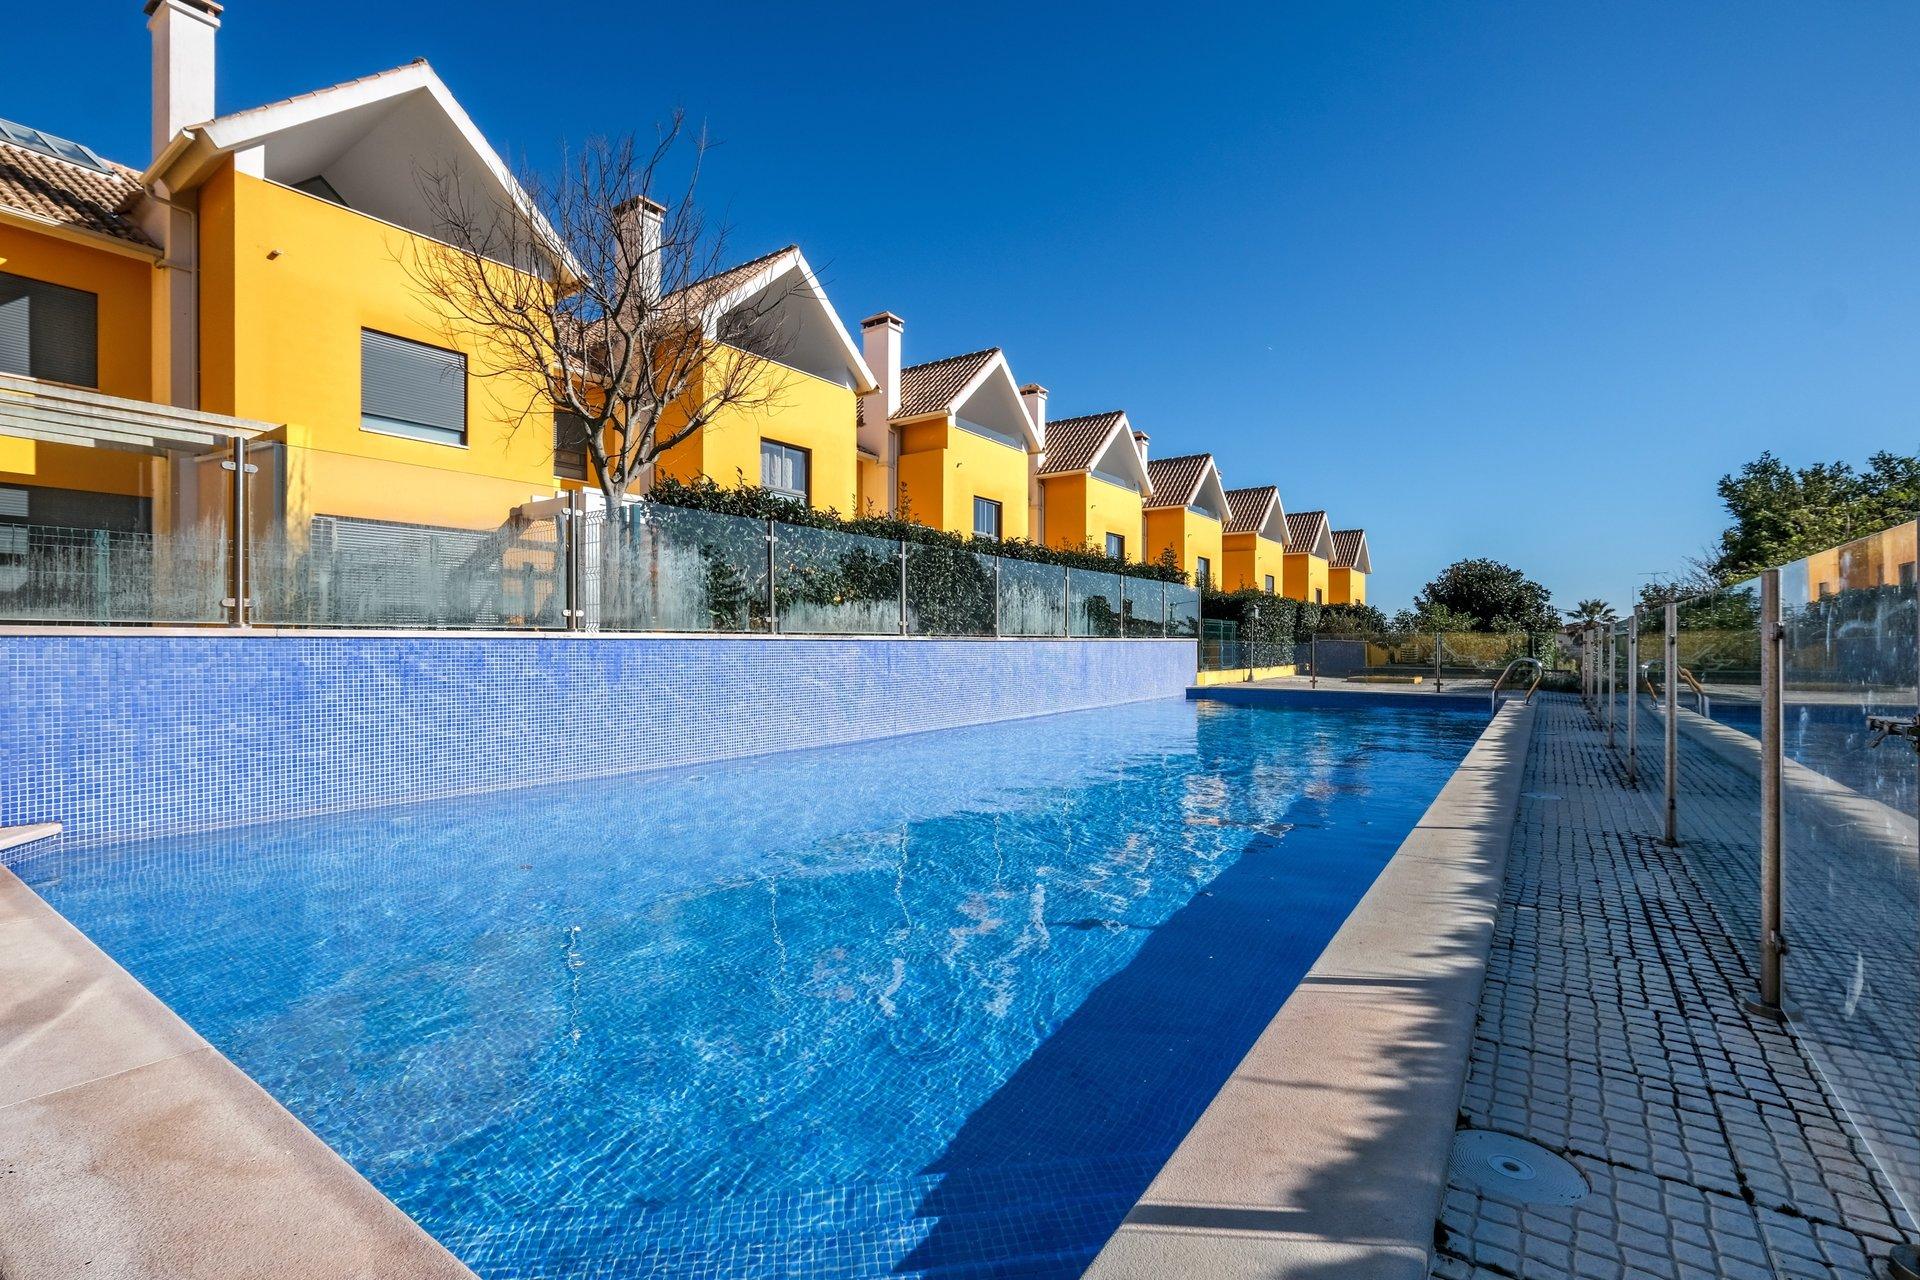 4 Bedroom Villa Estoril, Lisbon Ref: AVI347